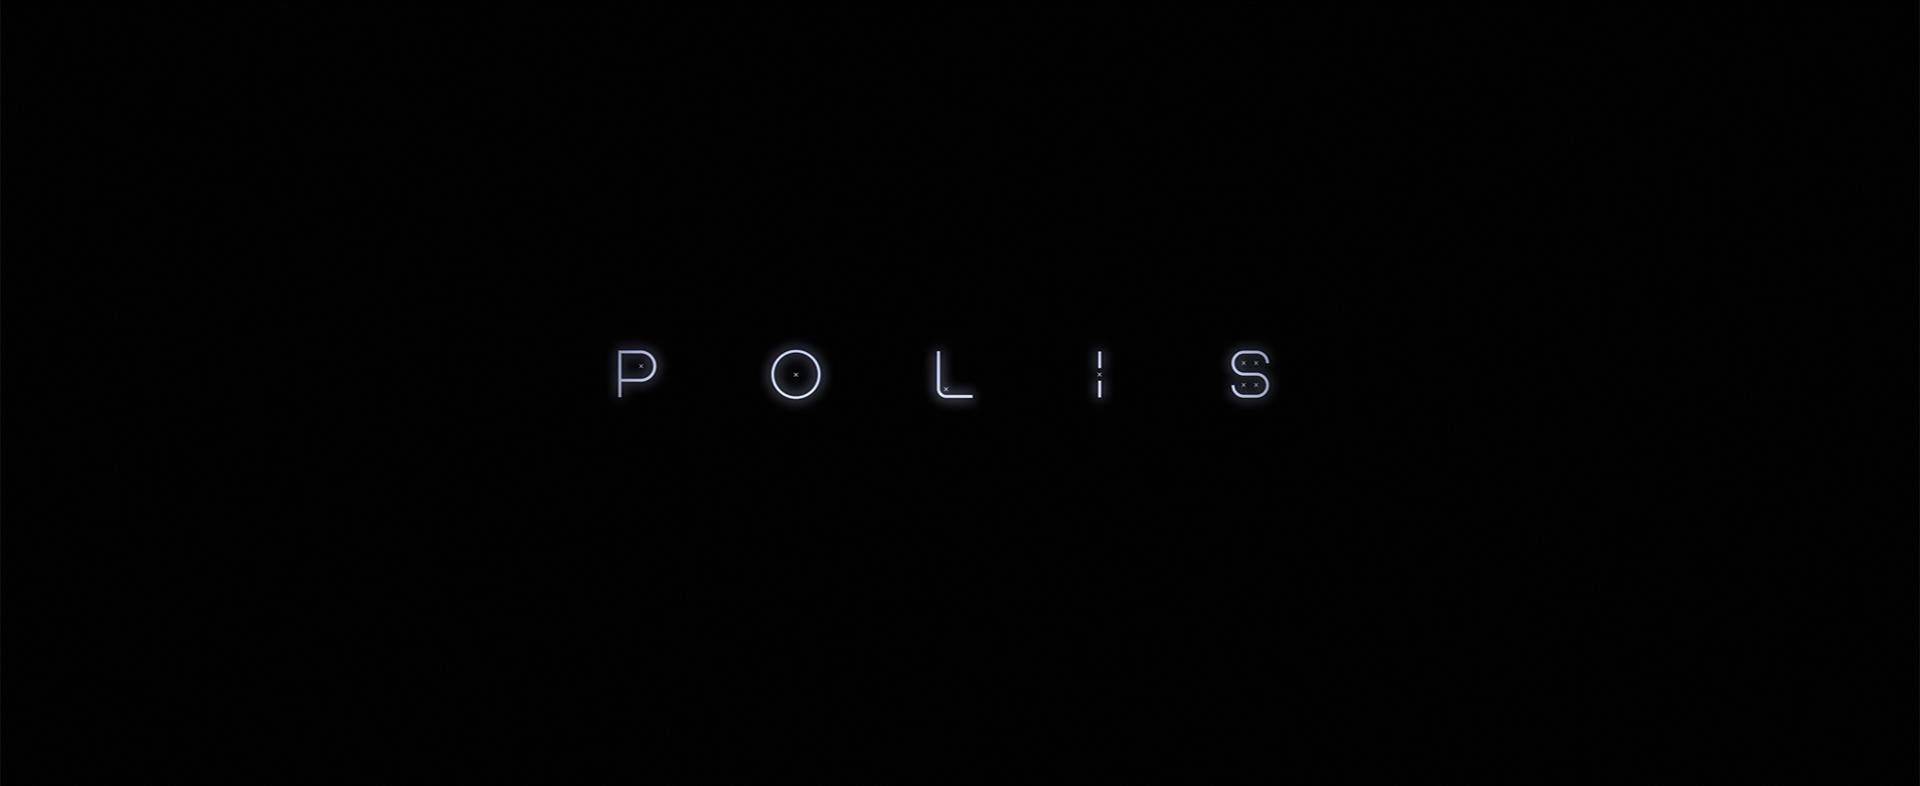 Polis_CTM_web__0065_Polis_CTM_dpx_v2_01126.jpg